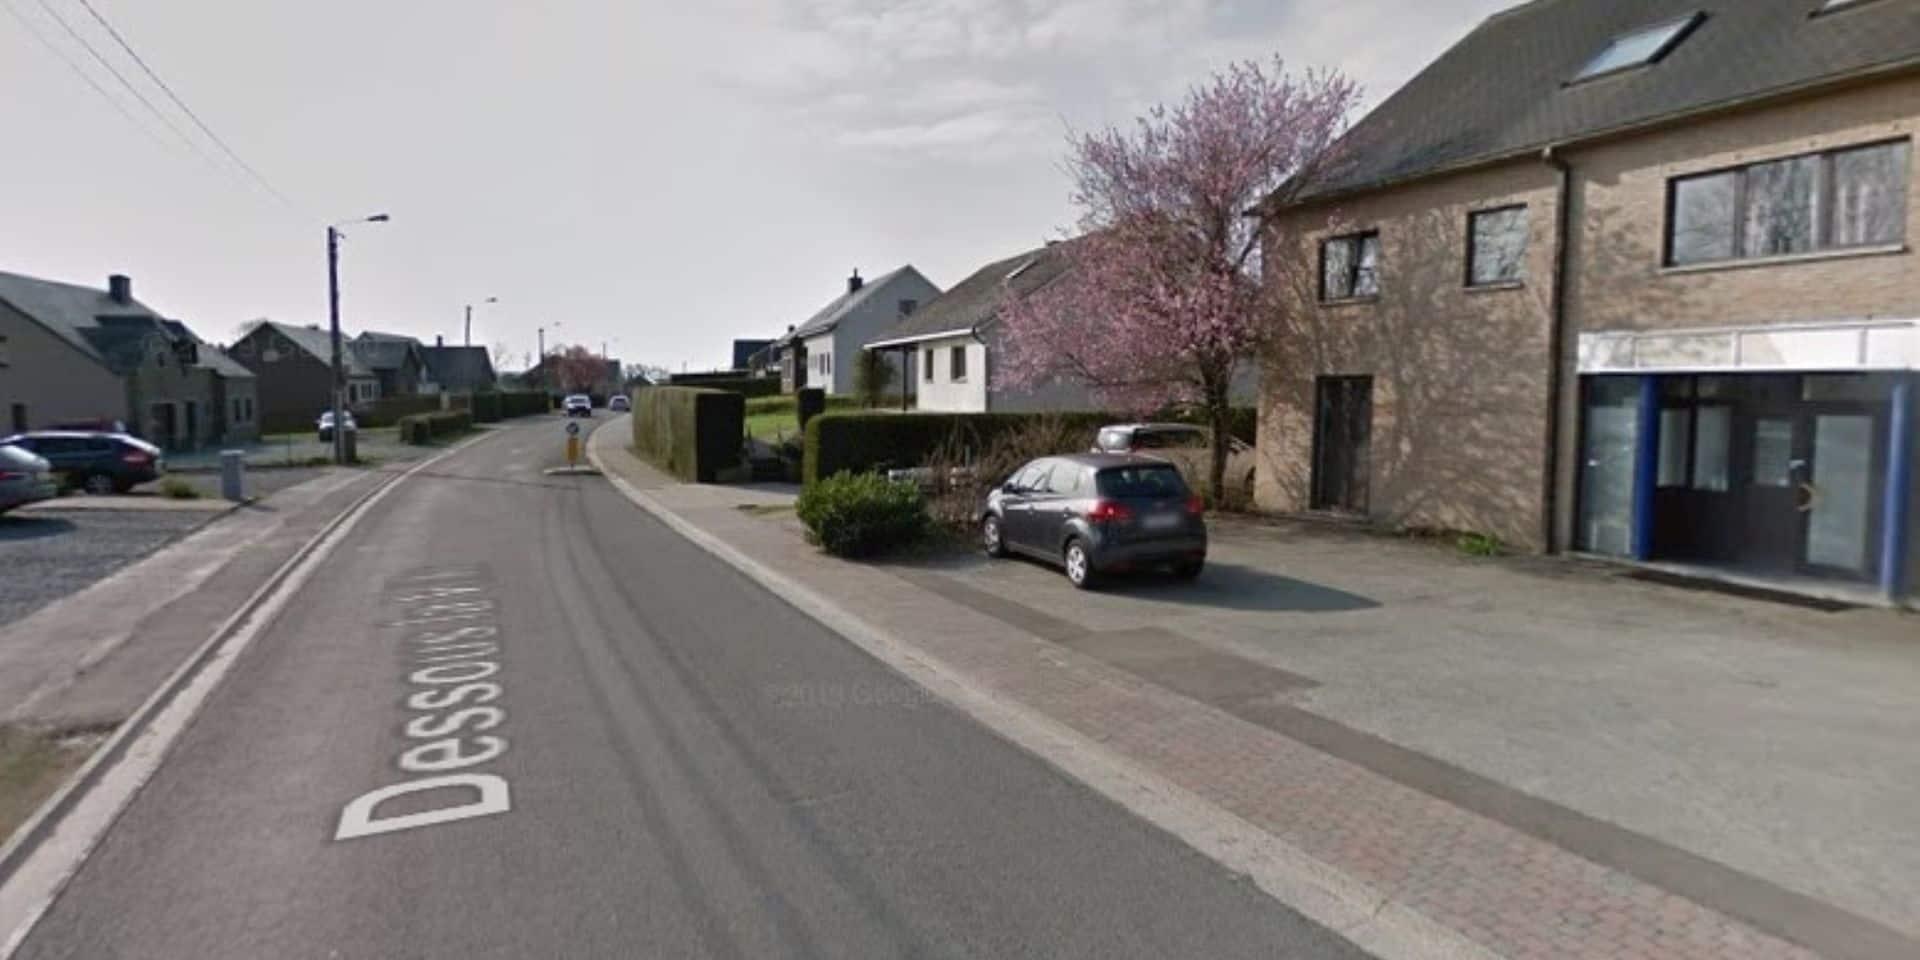 Accident de la circulation à Libramont : deux véhicules impliqués